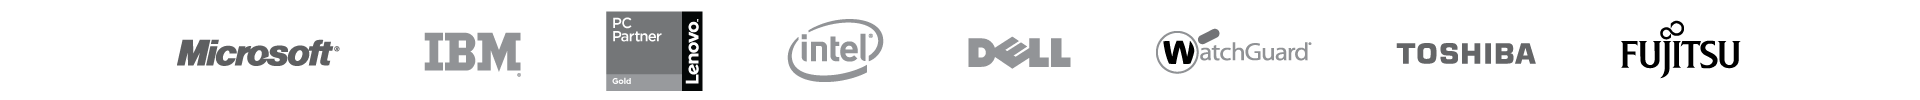 logos-new-1-(2019).png